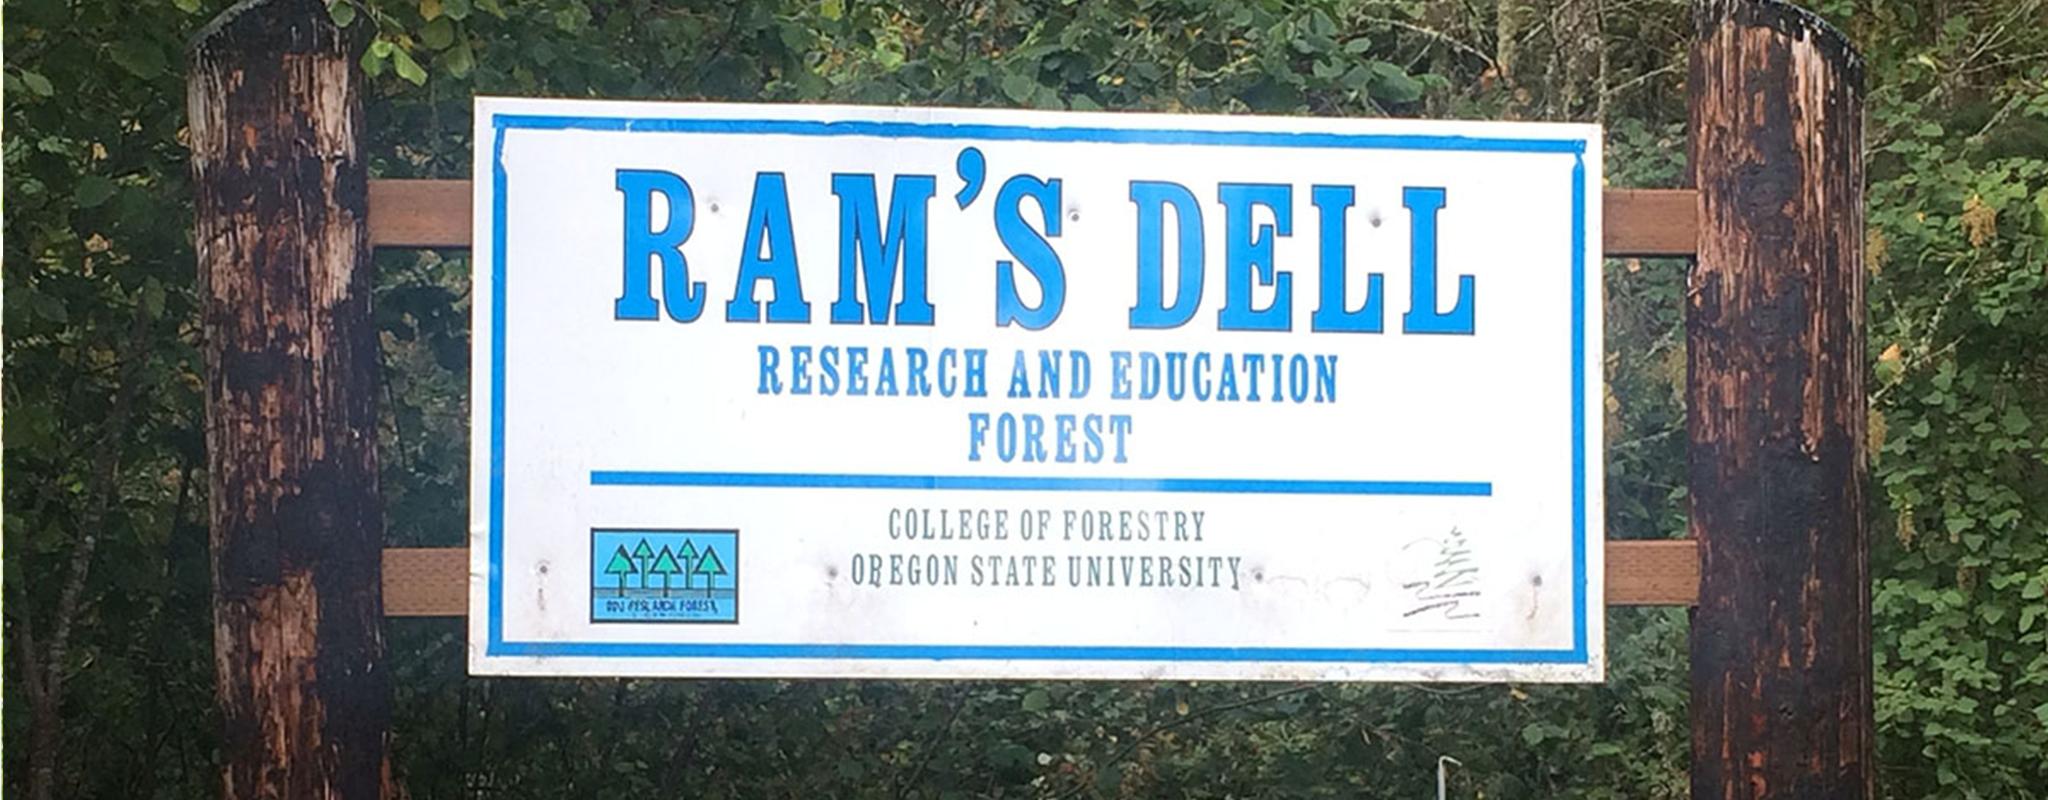 Ram's Dell